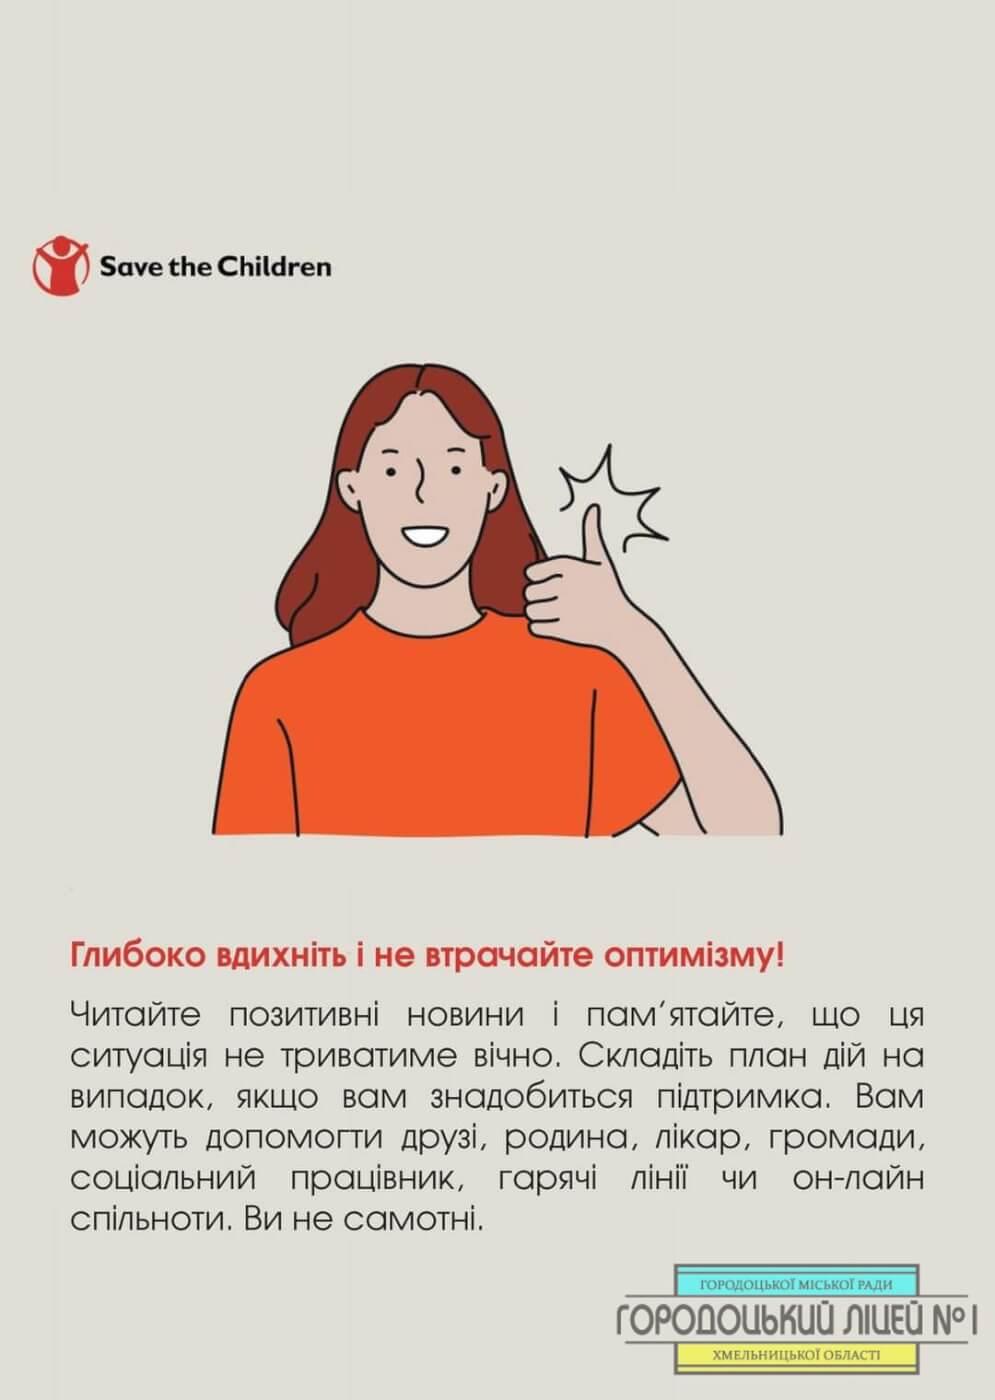 zobrazhennya viber 2021 03 29 11 22 034 - Діти на карантині. Поради для батьків